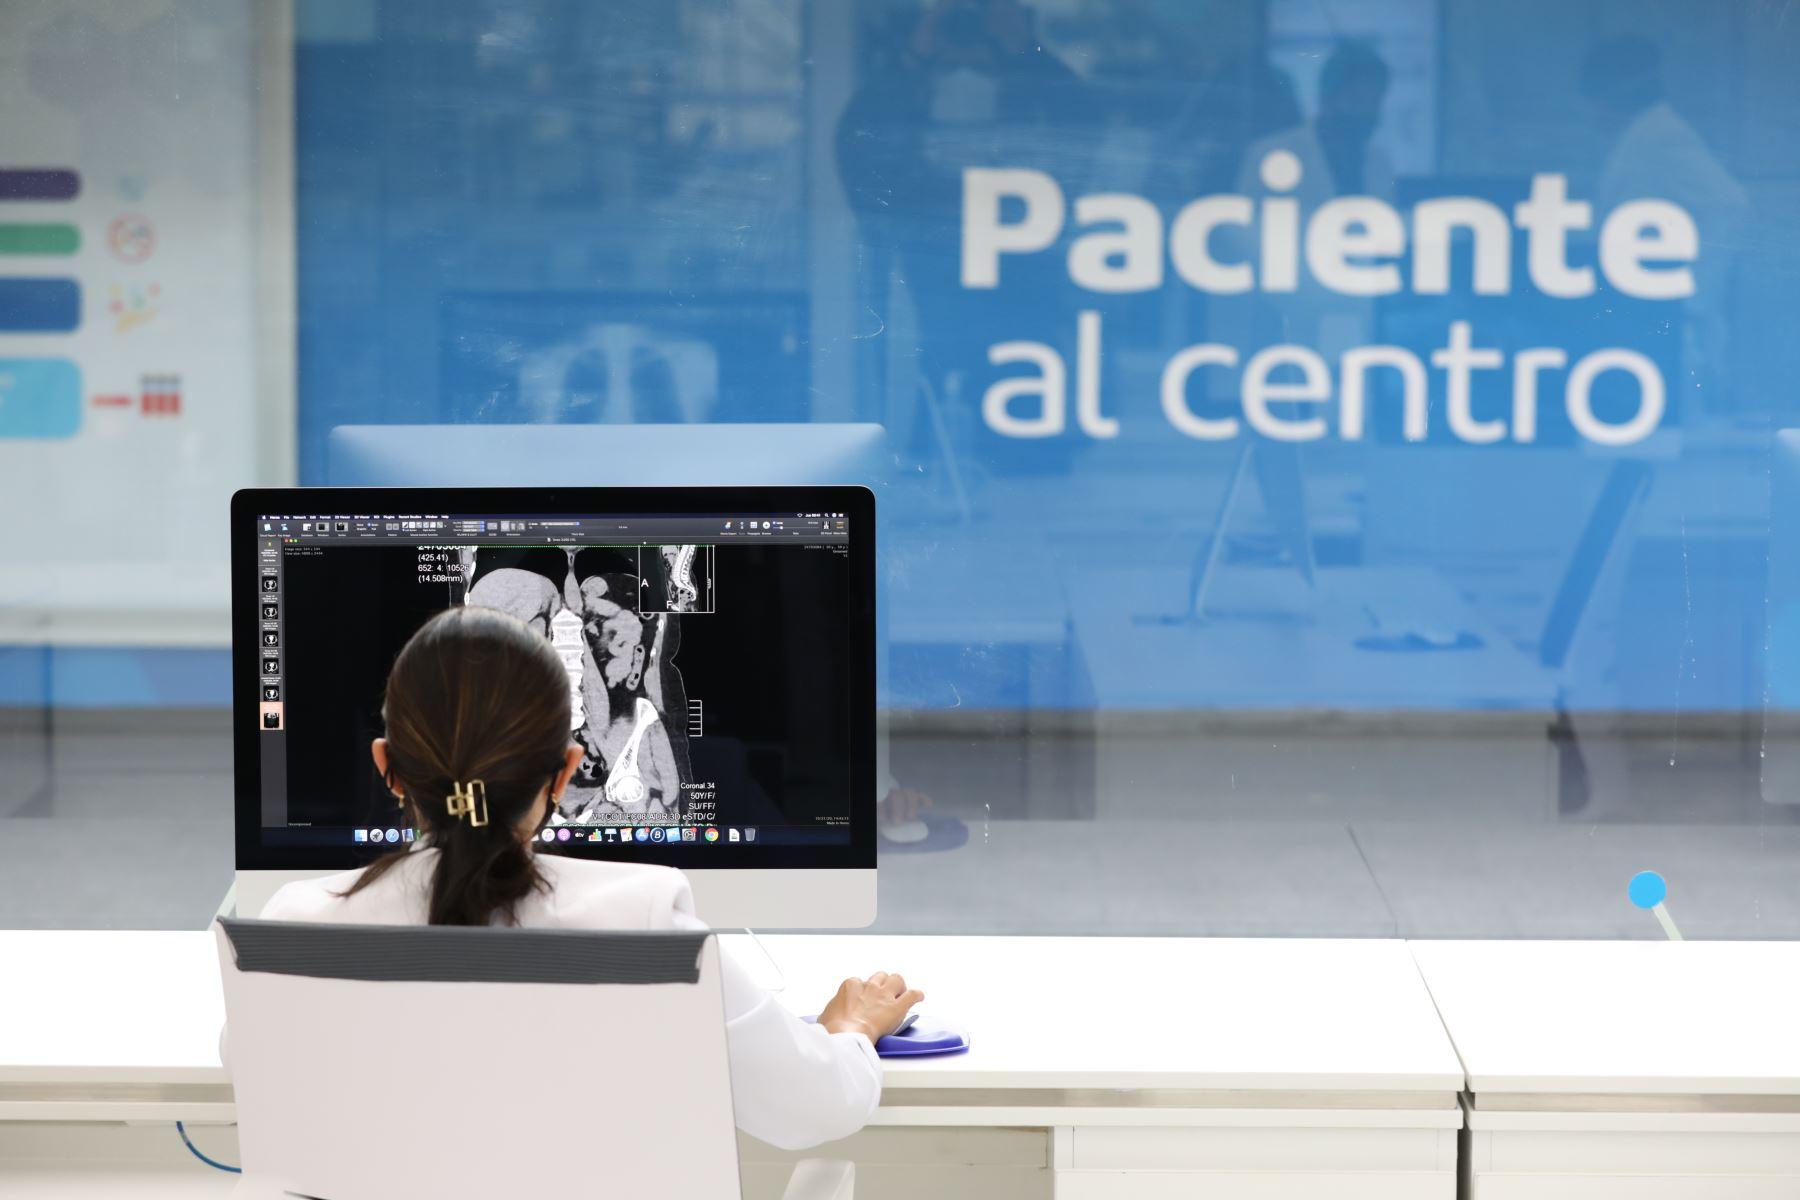 Participaron de su inauguración el presidente de la República, Martín Vizcarra, y la titular del Seguro Social, Fiorella Molinelli. Foto: ANDINA/EsSalud